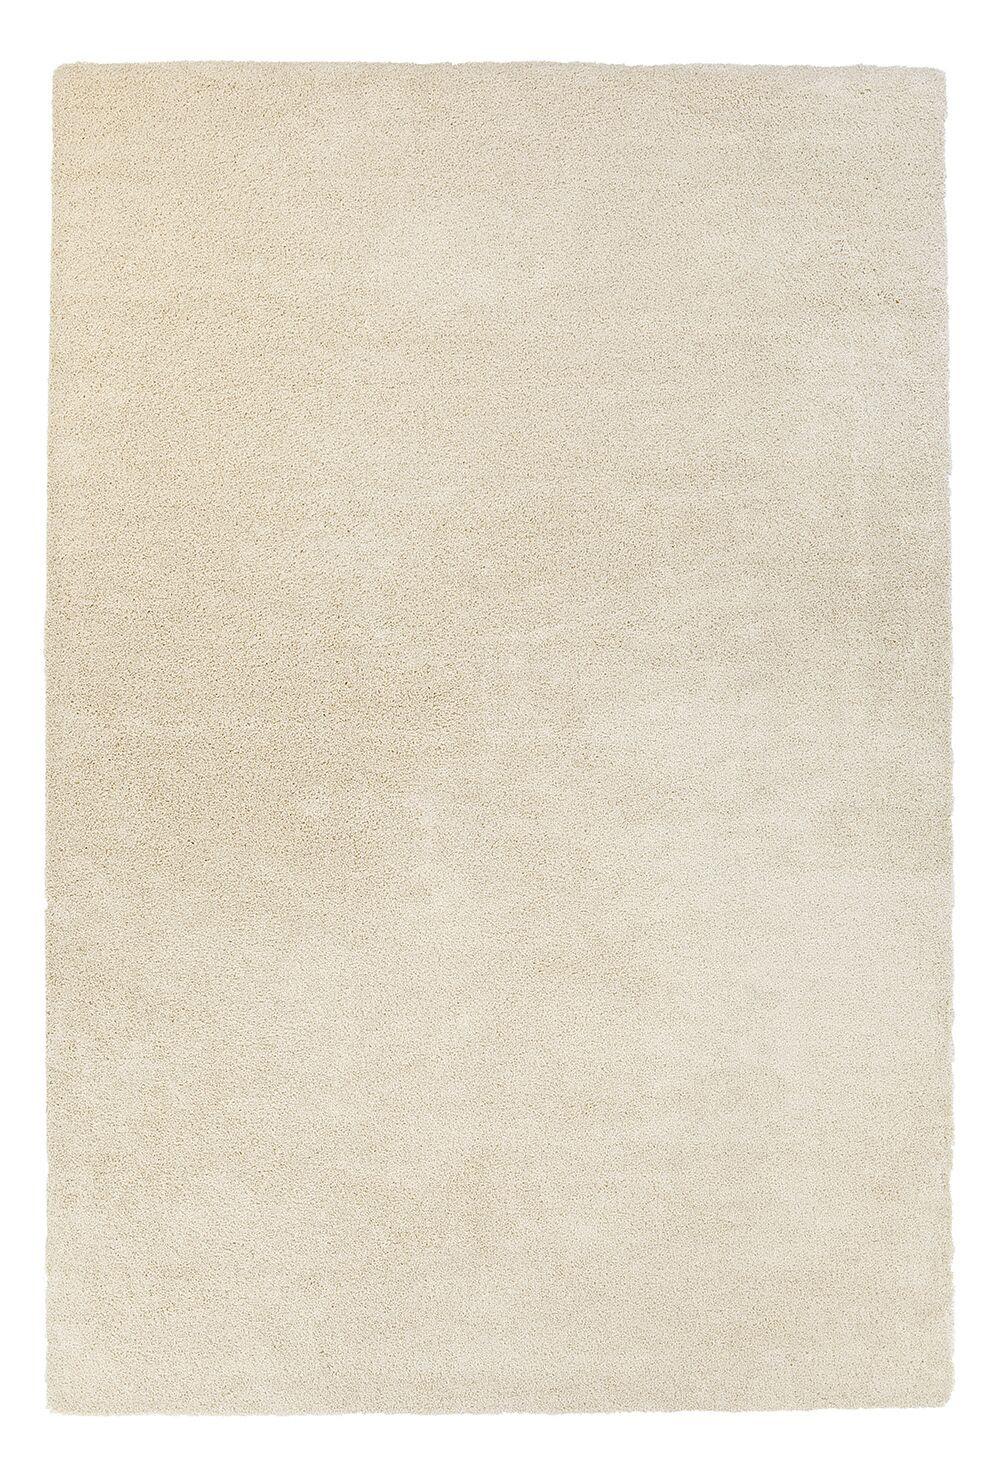 Elysee matto 133 x 200 cm, 10 valkoinen